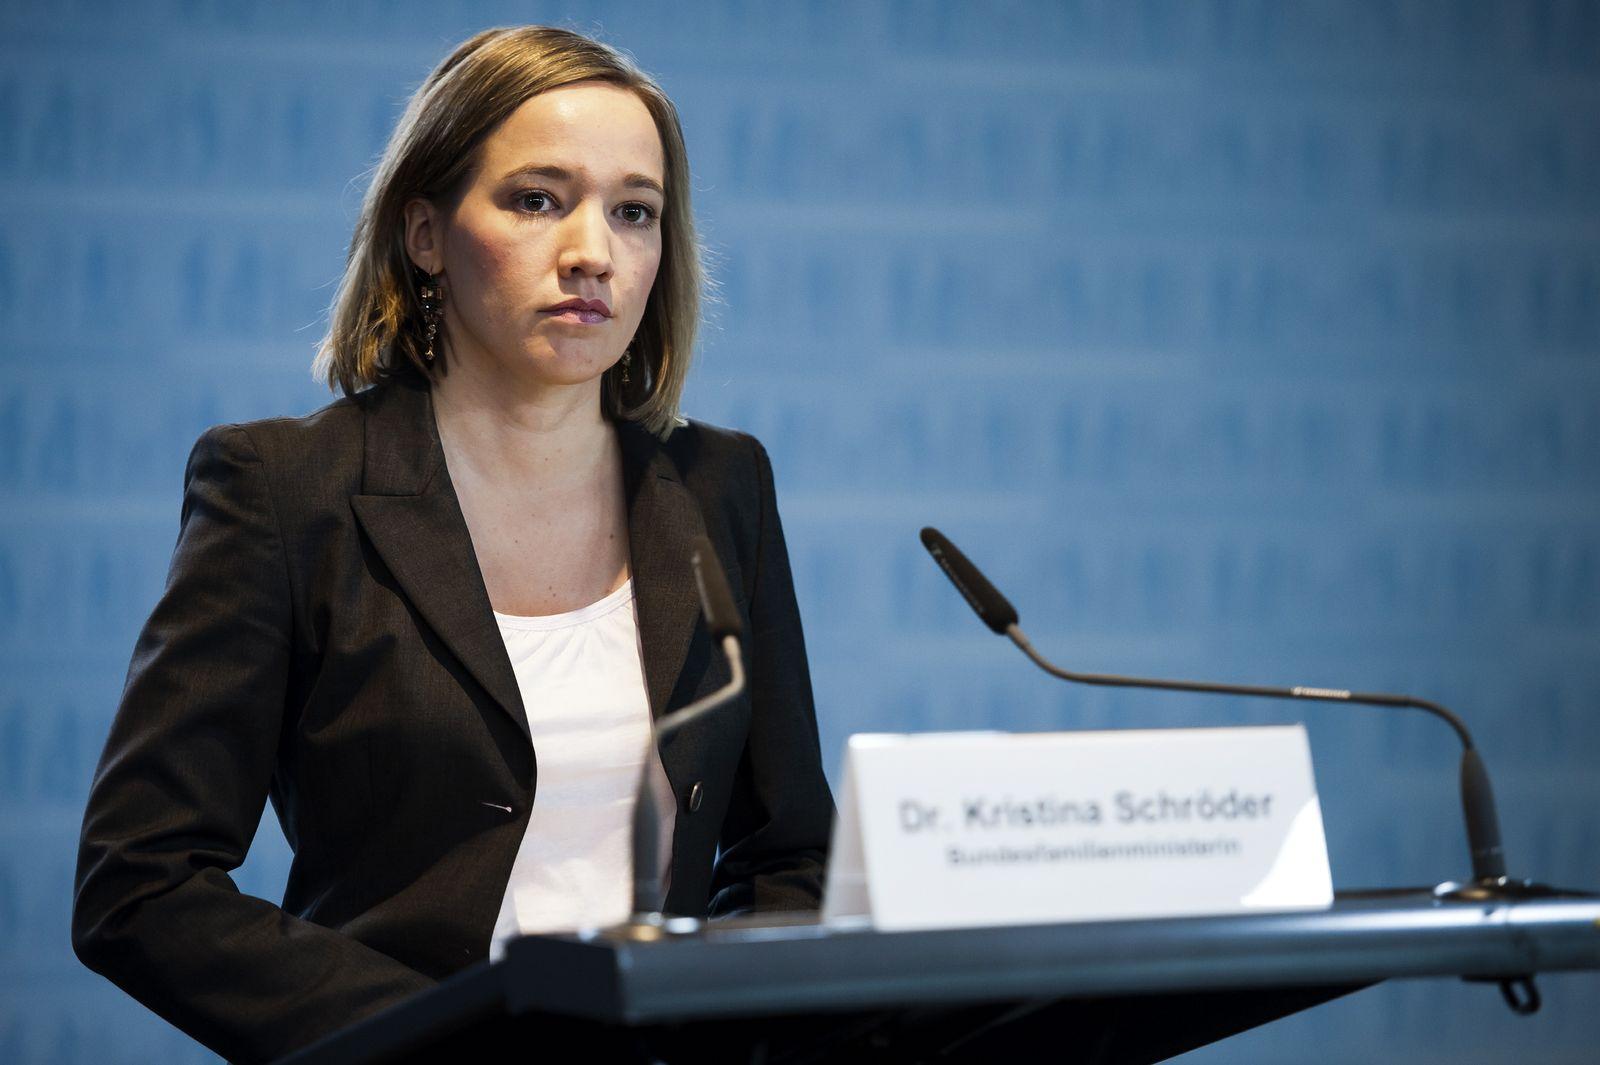 NICHT VERWENDEN Kristina Schröder